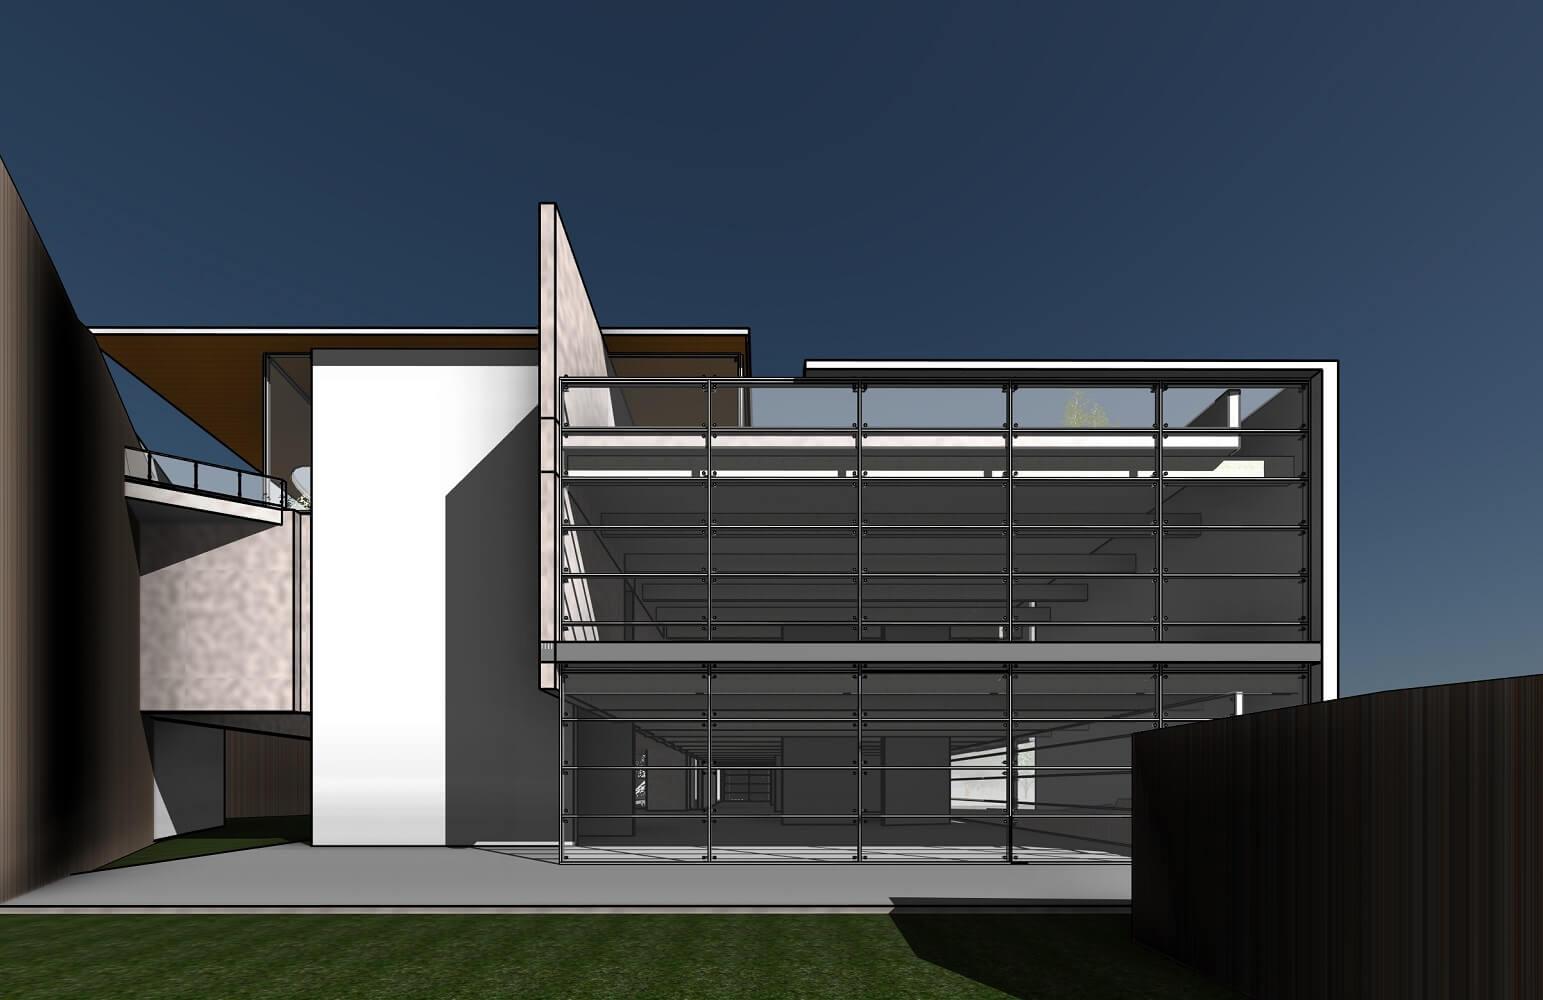 RZ-3D-new-3D-View-מבט-מחצר-מערבית-לבניין